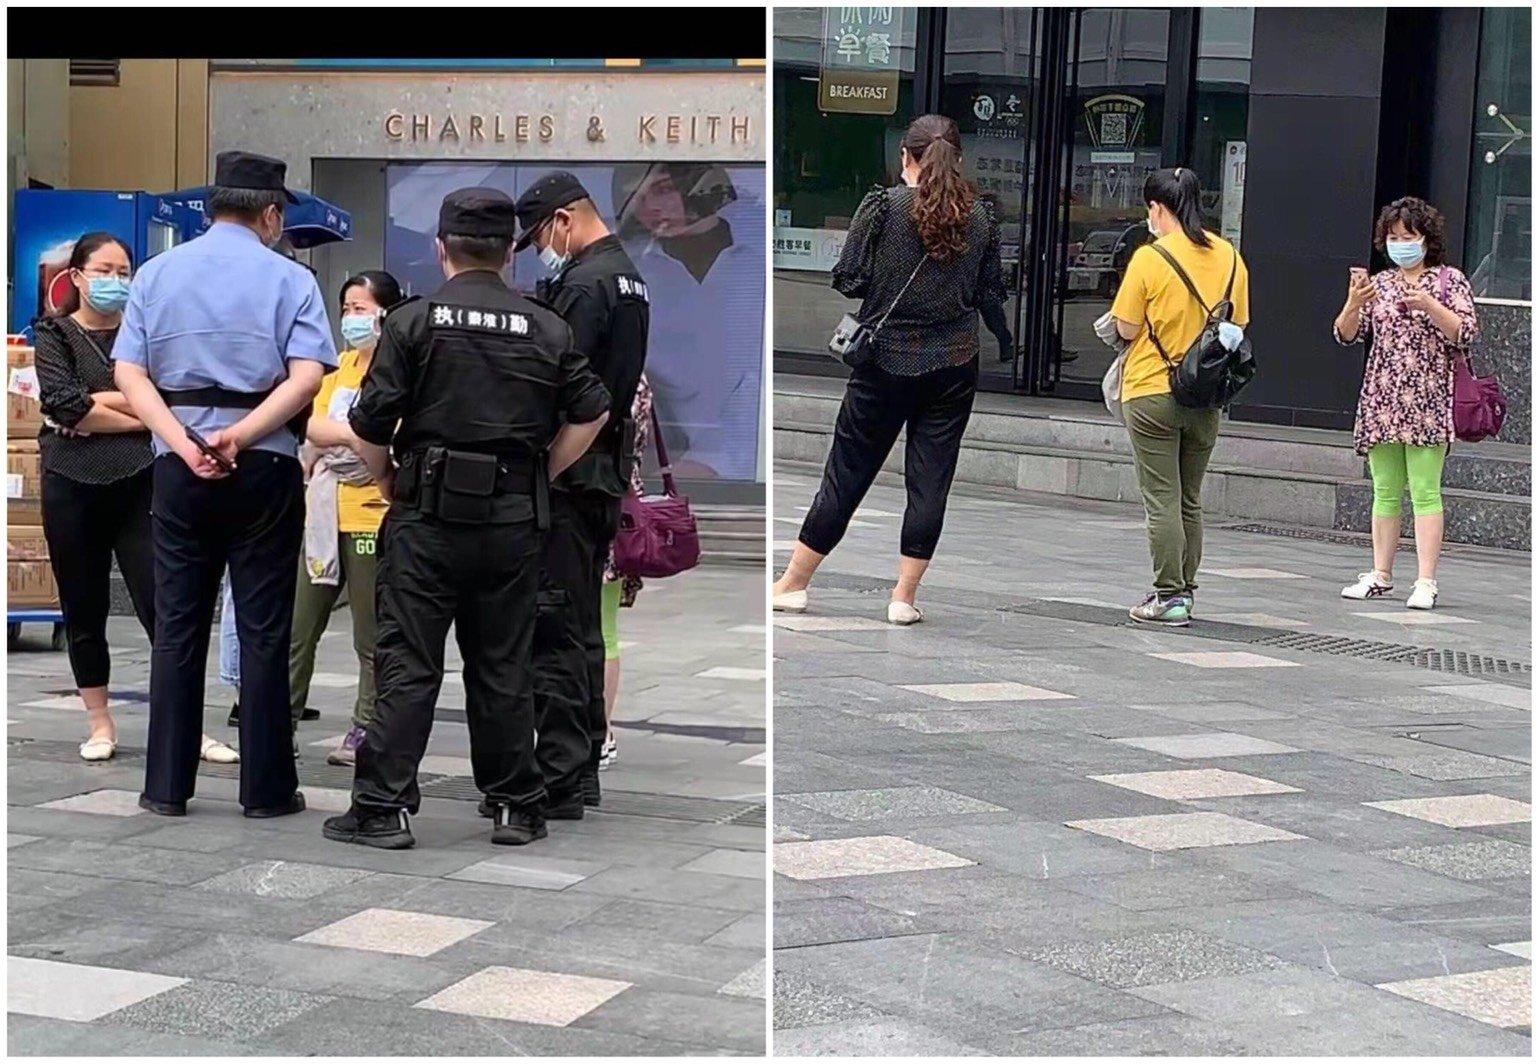 6月13日,吳菊芳逃出家後到南京市新街口的中央商場,跟監人員伍和雲、梅芬一路尾隨。於是打110報警,警察說:「這是政府行為不受理。」(受訪者提供/大紀元合成)